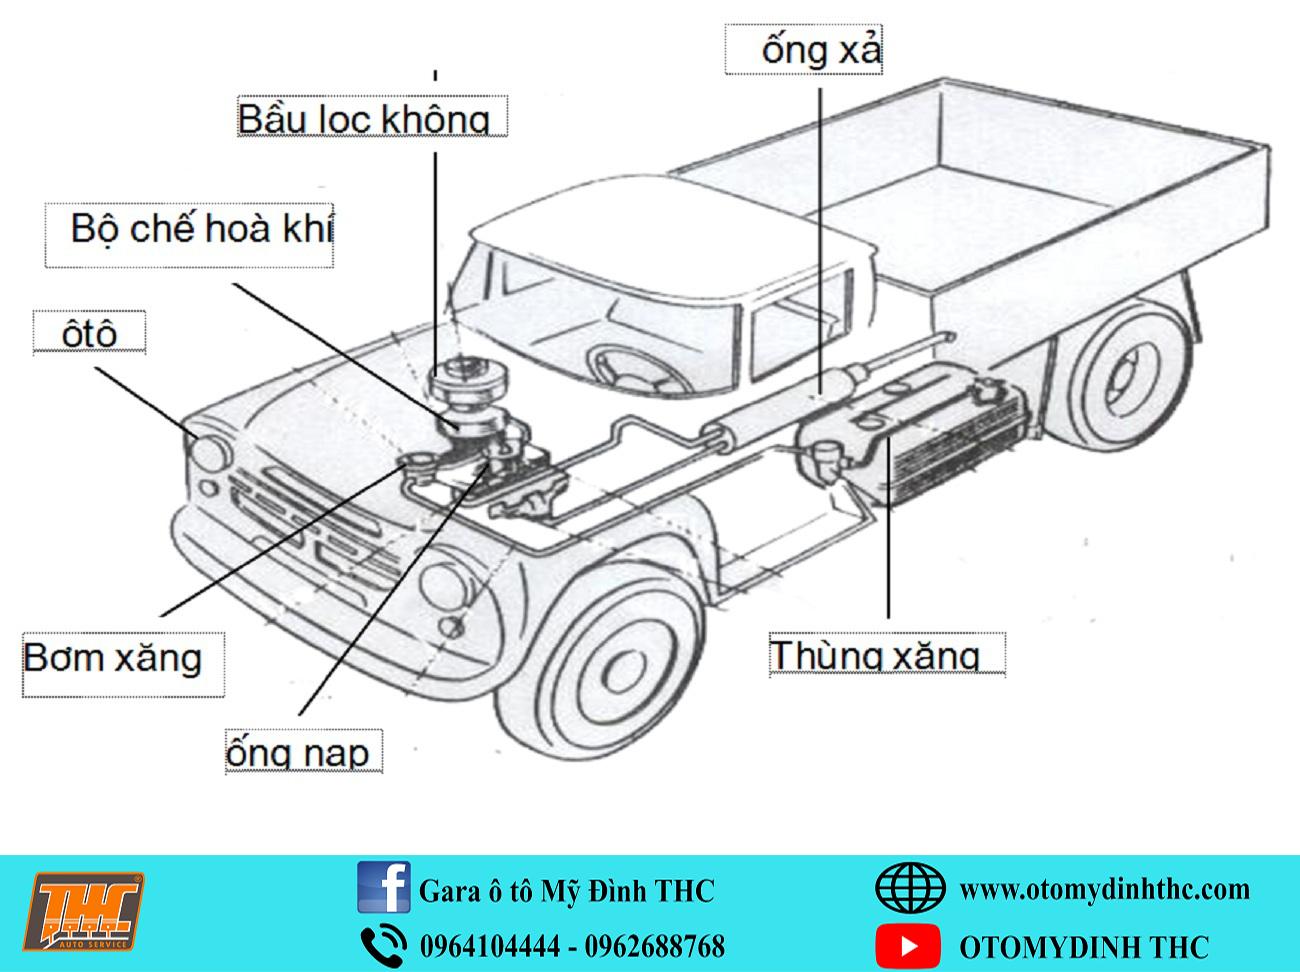 kiem-tra-chuan-doan-he-thong-nhien-lieu-xe-oto